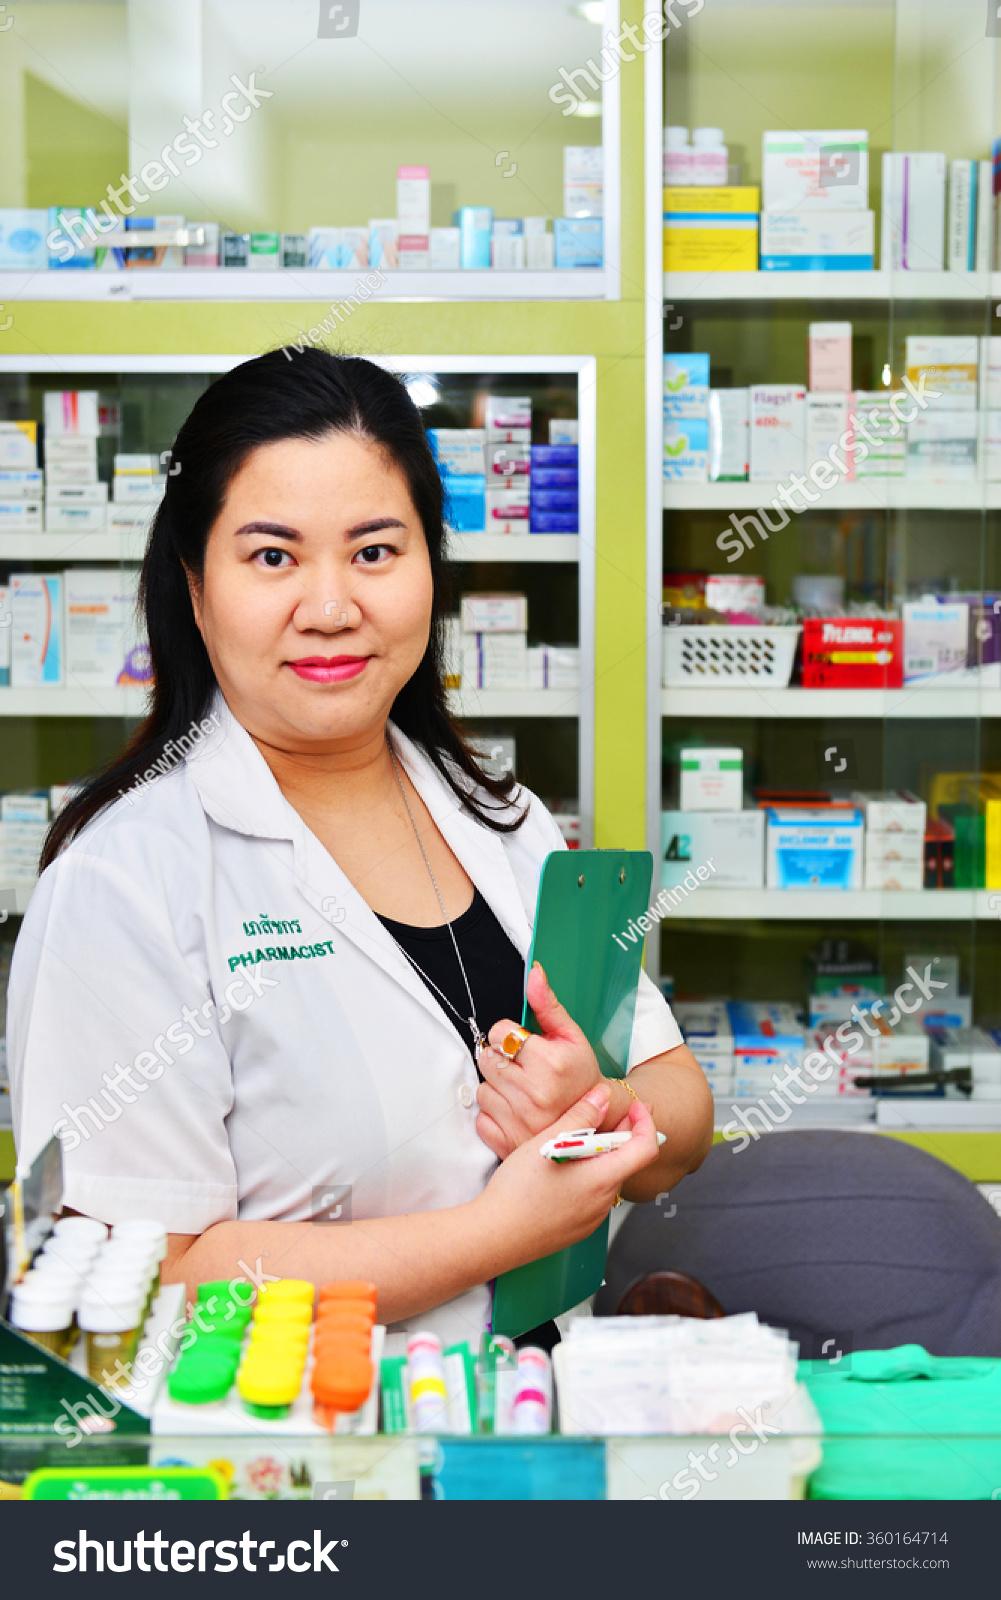 bangkokthailand jan asian pharmacist chemist w stock photo bangkok thailand jan 9 asian pharmacist chemist w standing in pharmacy drugstore on